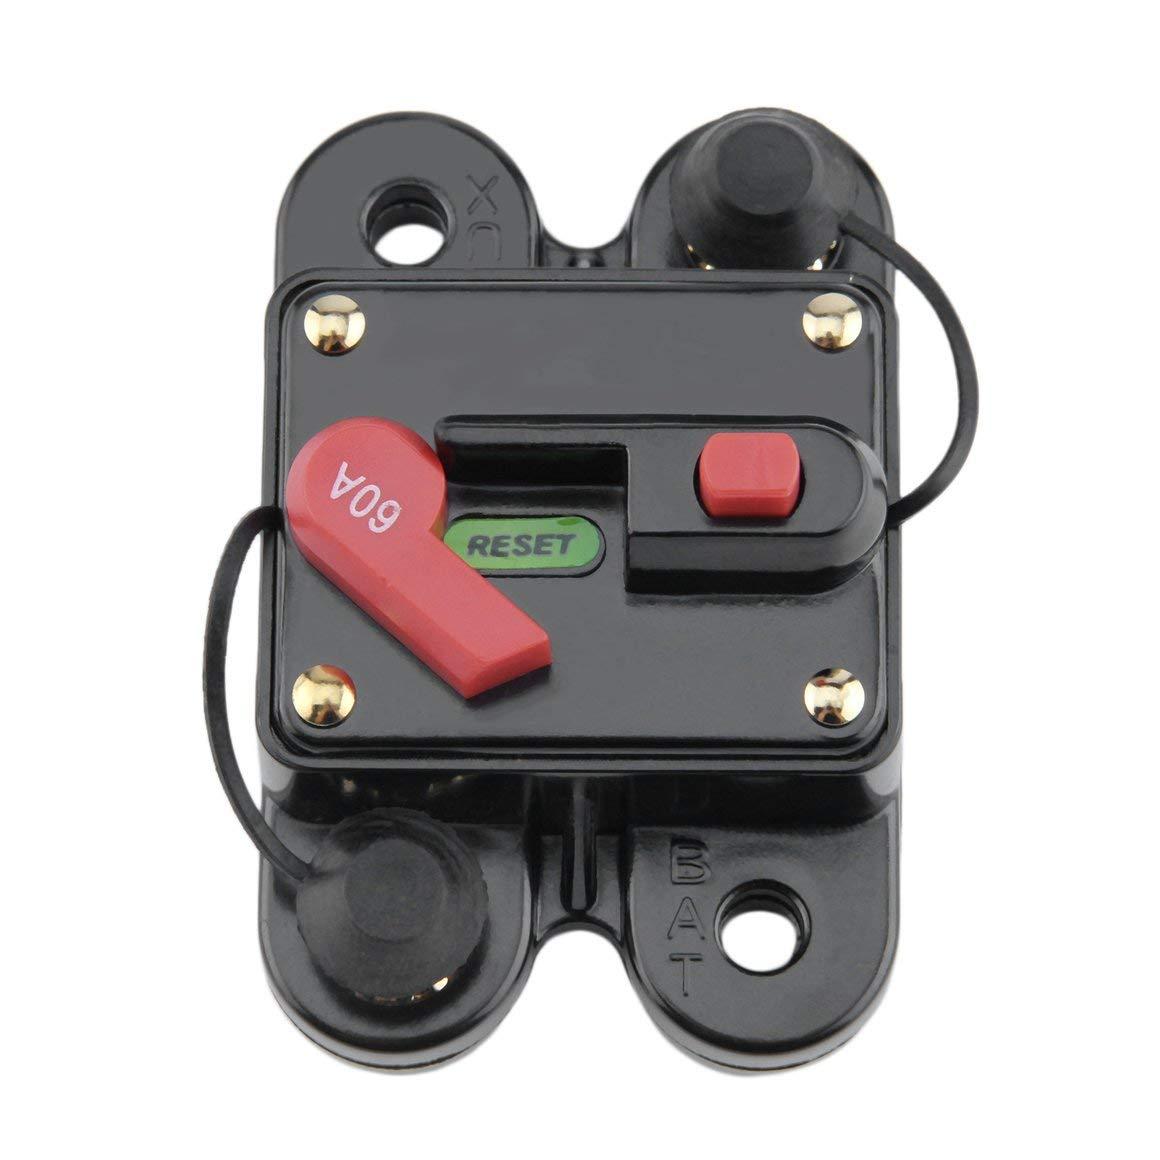 Funrunnstore 50A 60A 80A 100A 125A 150A 200A 250A optional Car Audio Inline-schutzschalter Sicherung fü r 12 V Schutz SKCB-01-100A (stil: 125A) Funnyrunstore